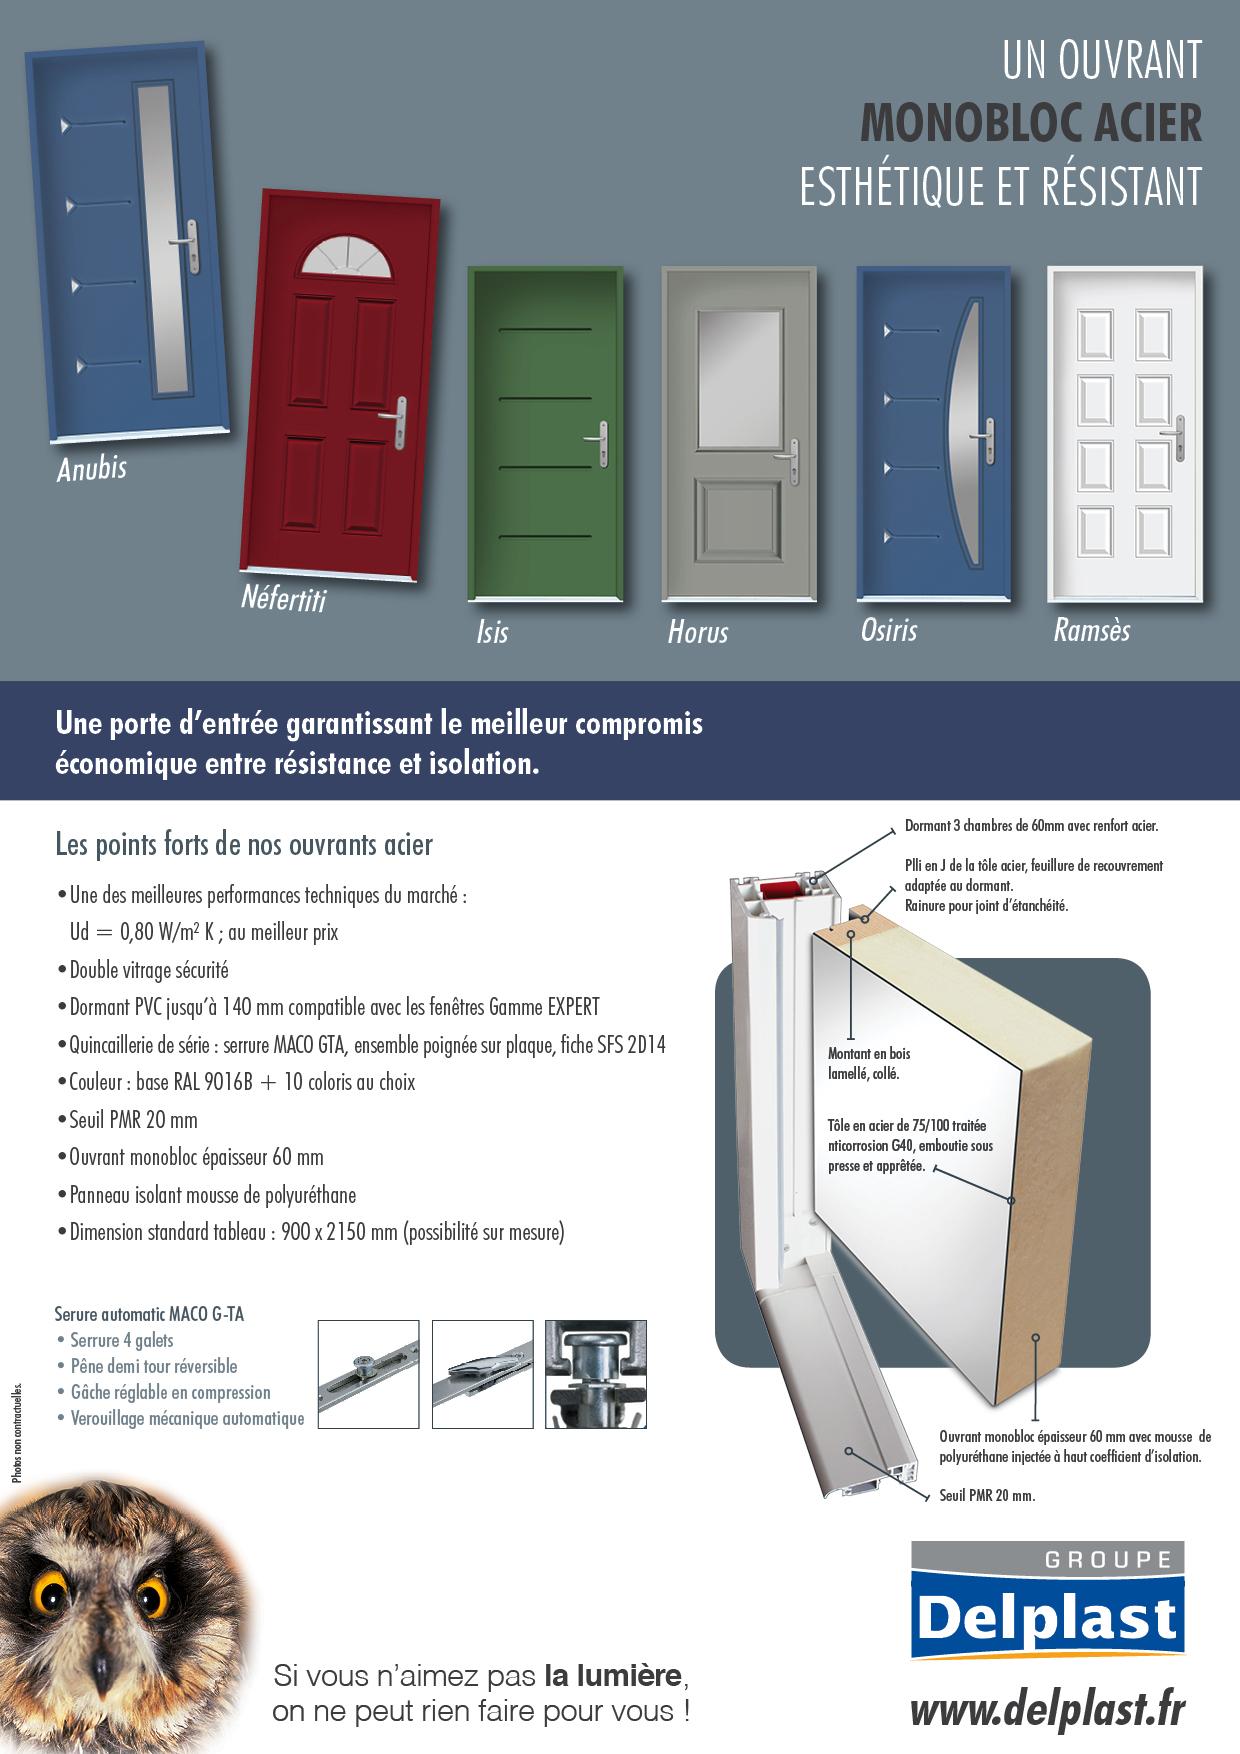 nouveau produit 2015 porte d entr e ouvrant monobloc acier delplast. Black Bedroom Furniture Sets. Home Design Ideas